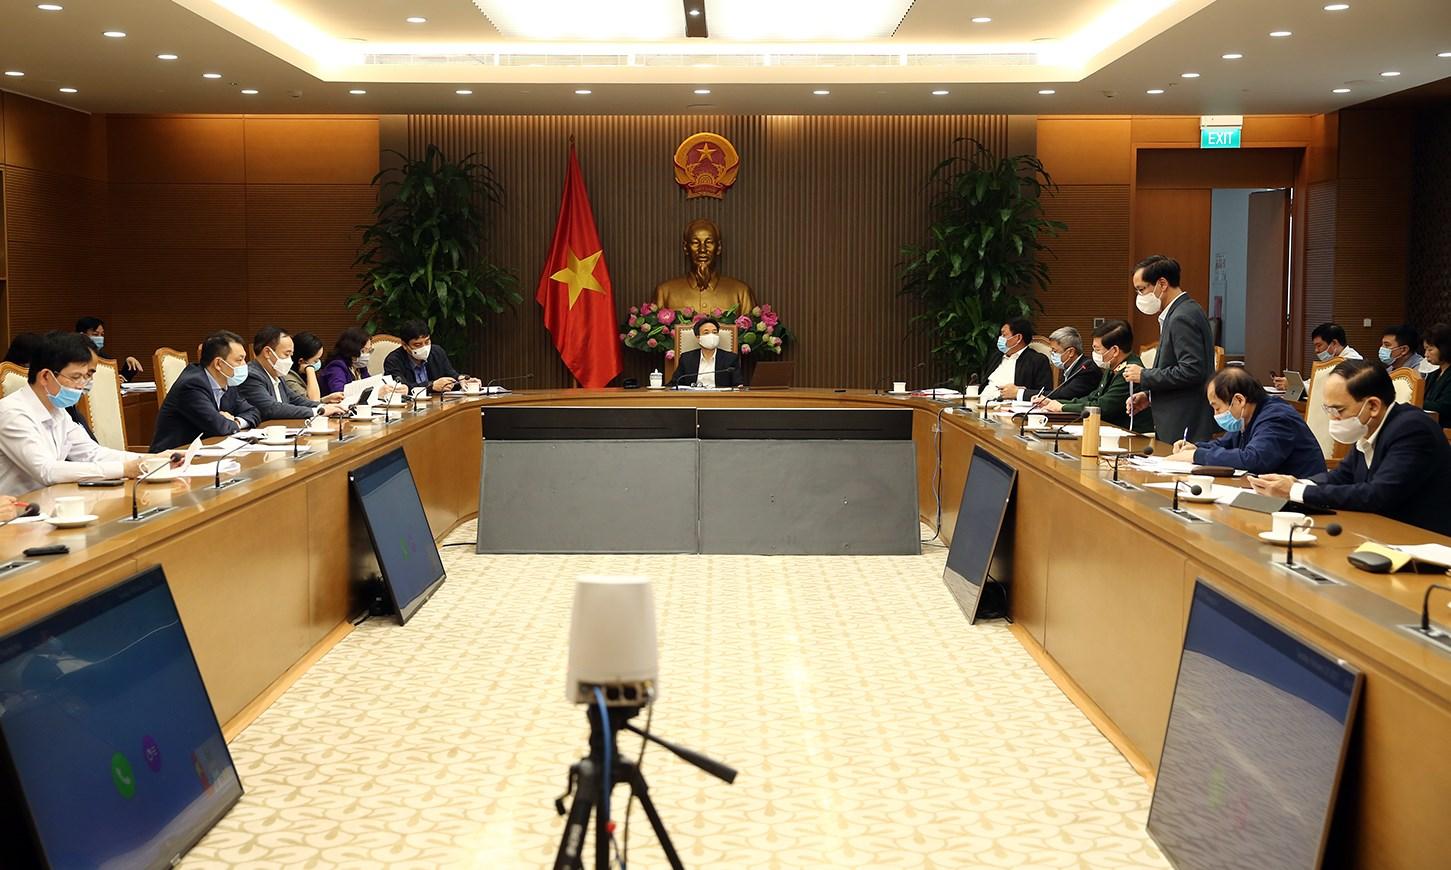 Cuộc họp sáng 23/2 của Ban Chỉ đạo quốc gia phòng chống COVID-19. Ảnh: VGP/Đình Nam